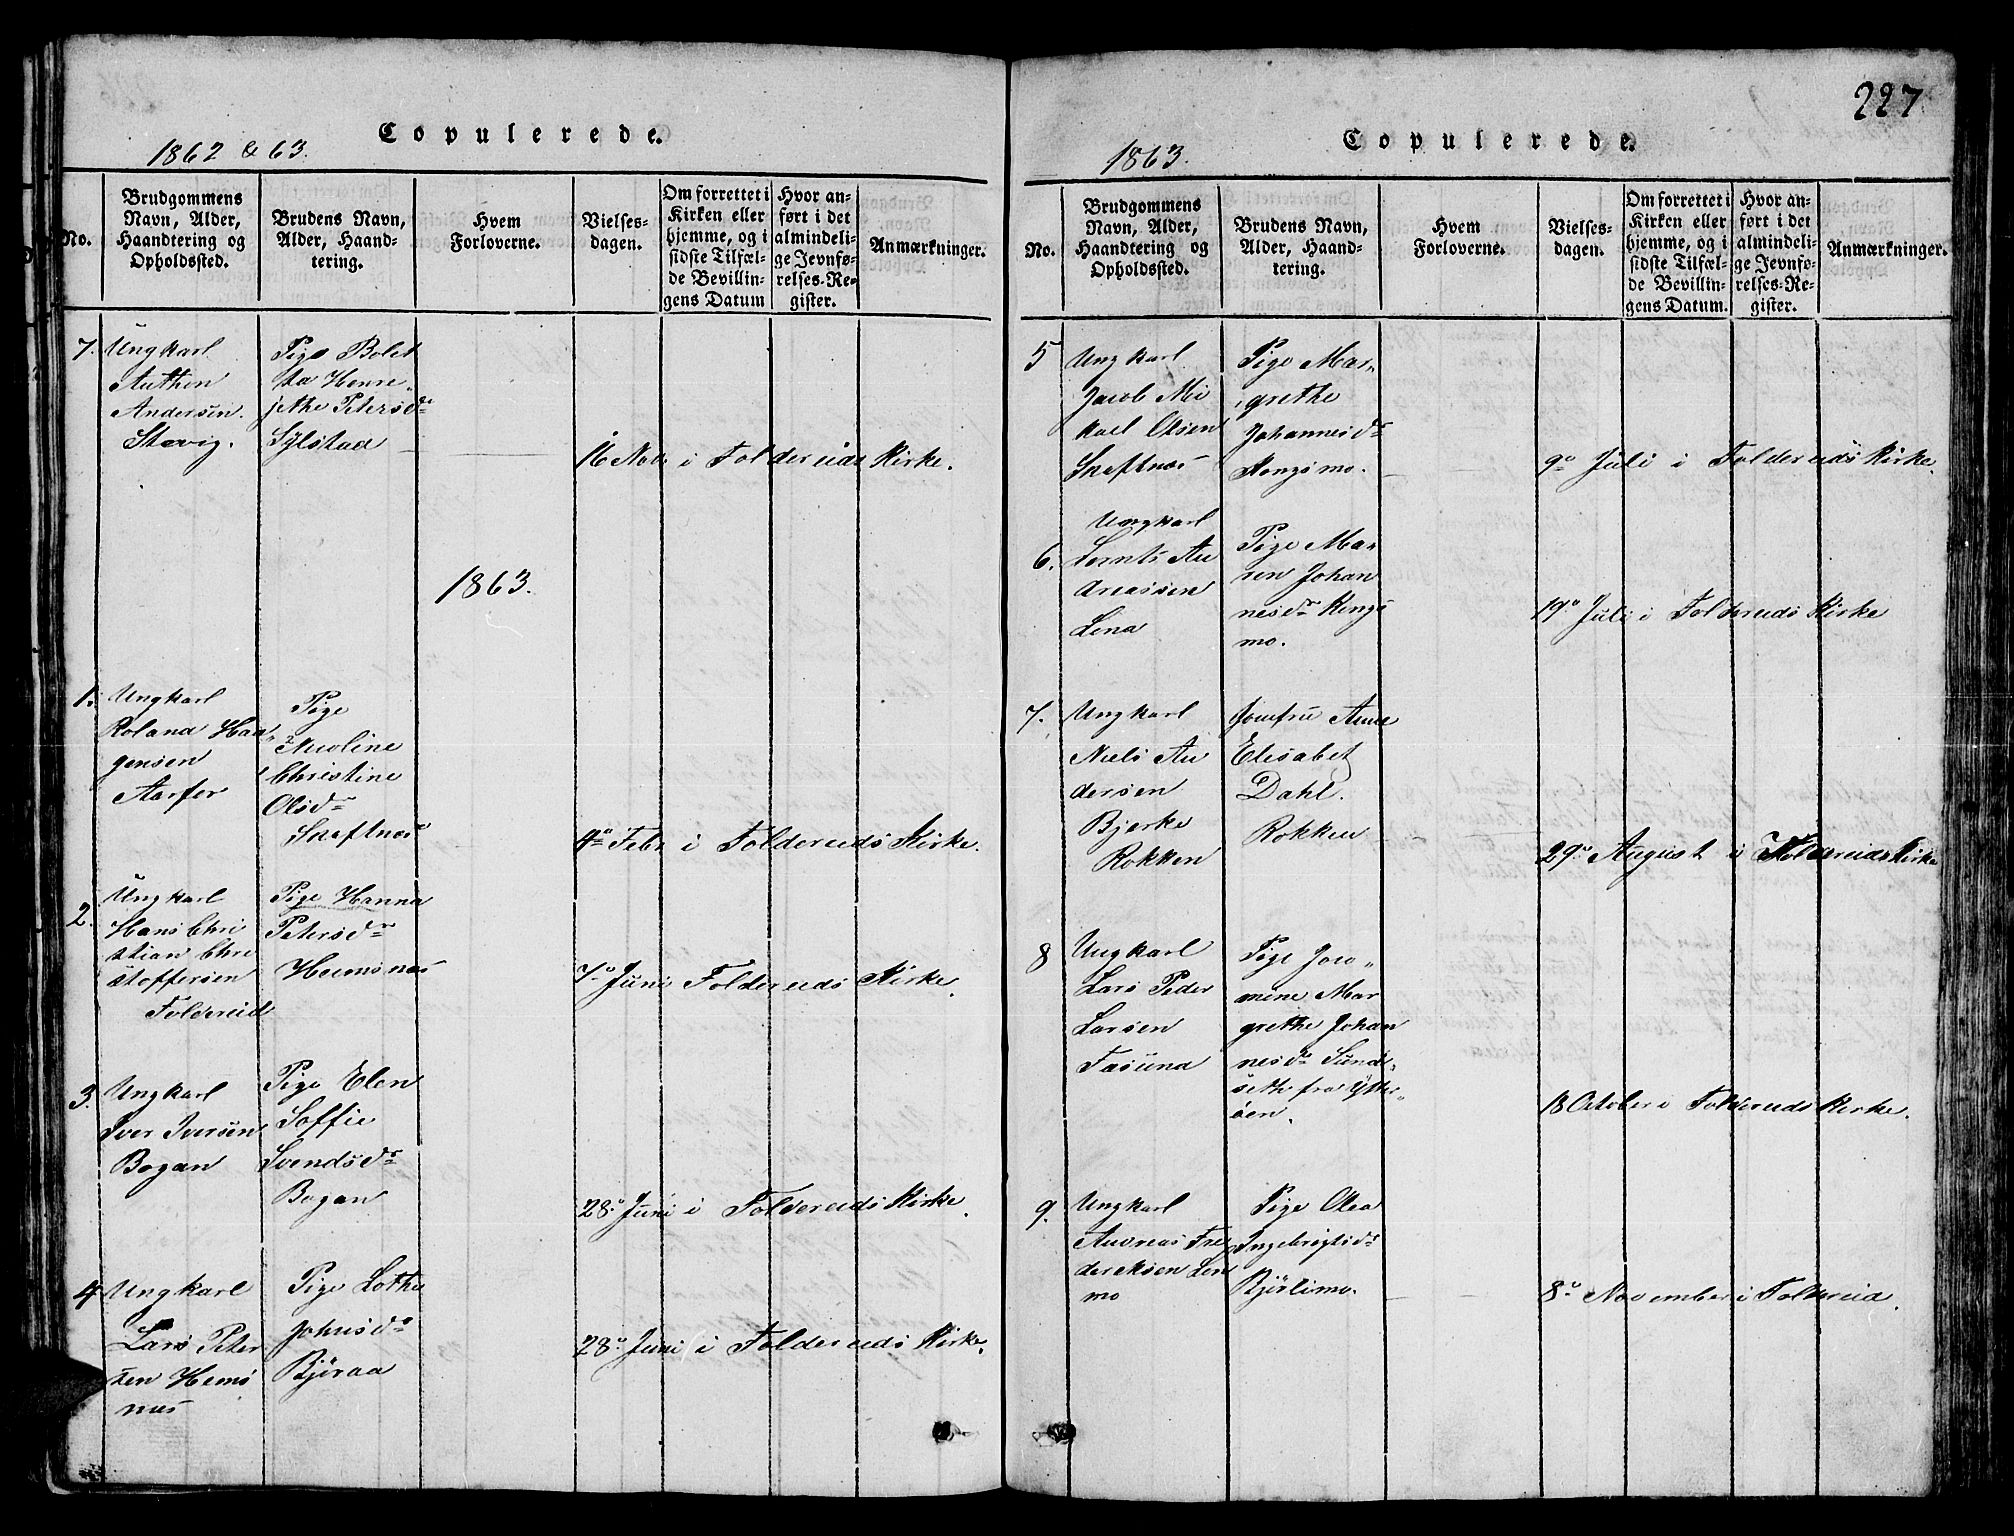 SAT, Ministerialprotokoller, klokkerbøker og fødselsregistre - Nord-Trøndelag, 780/L0648: Klokkerbok nr. 780C01 /3, 1815-1877, s. 227